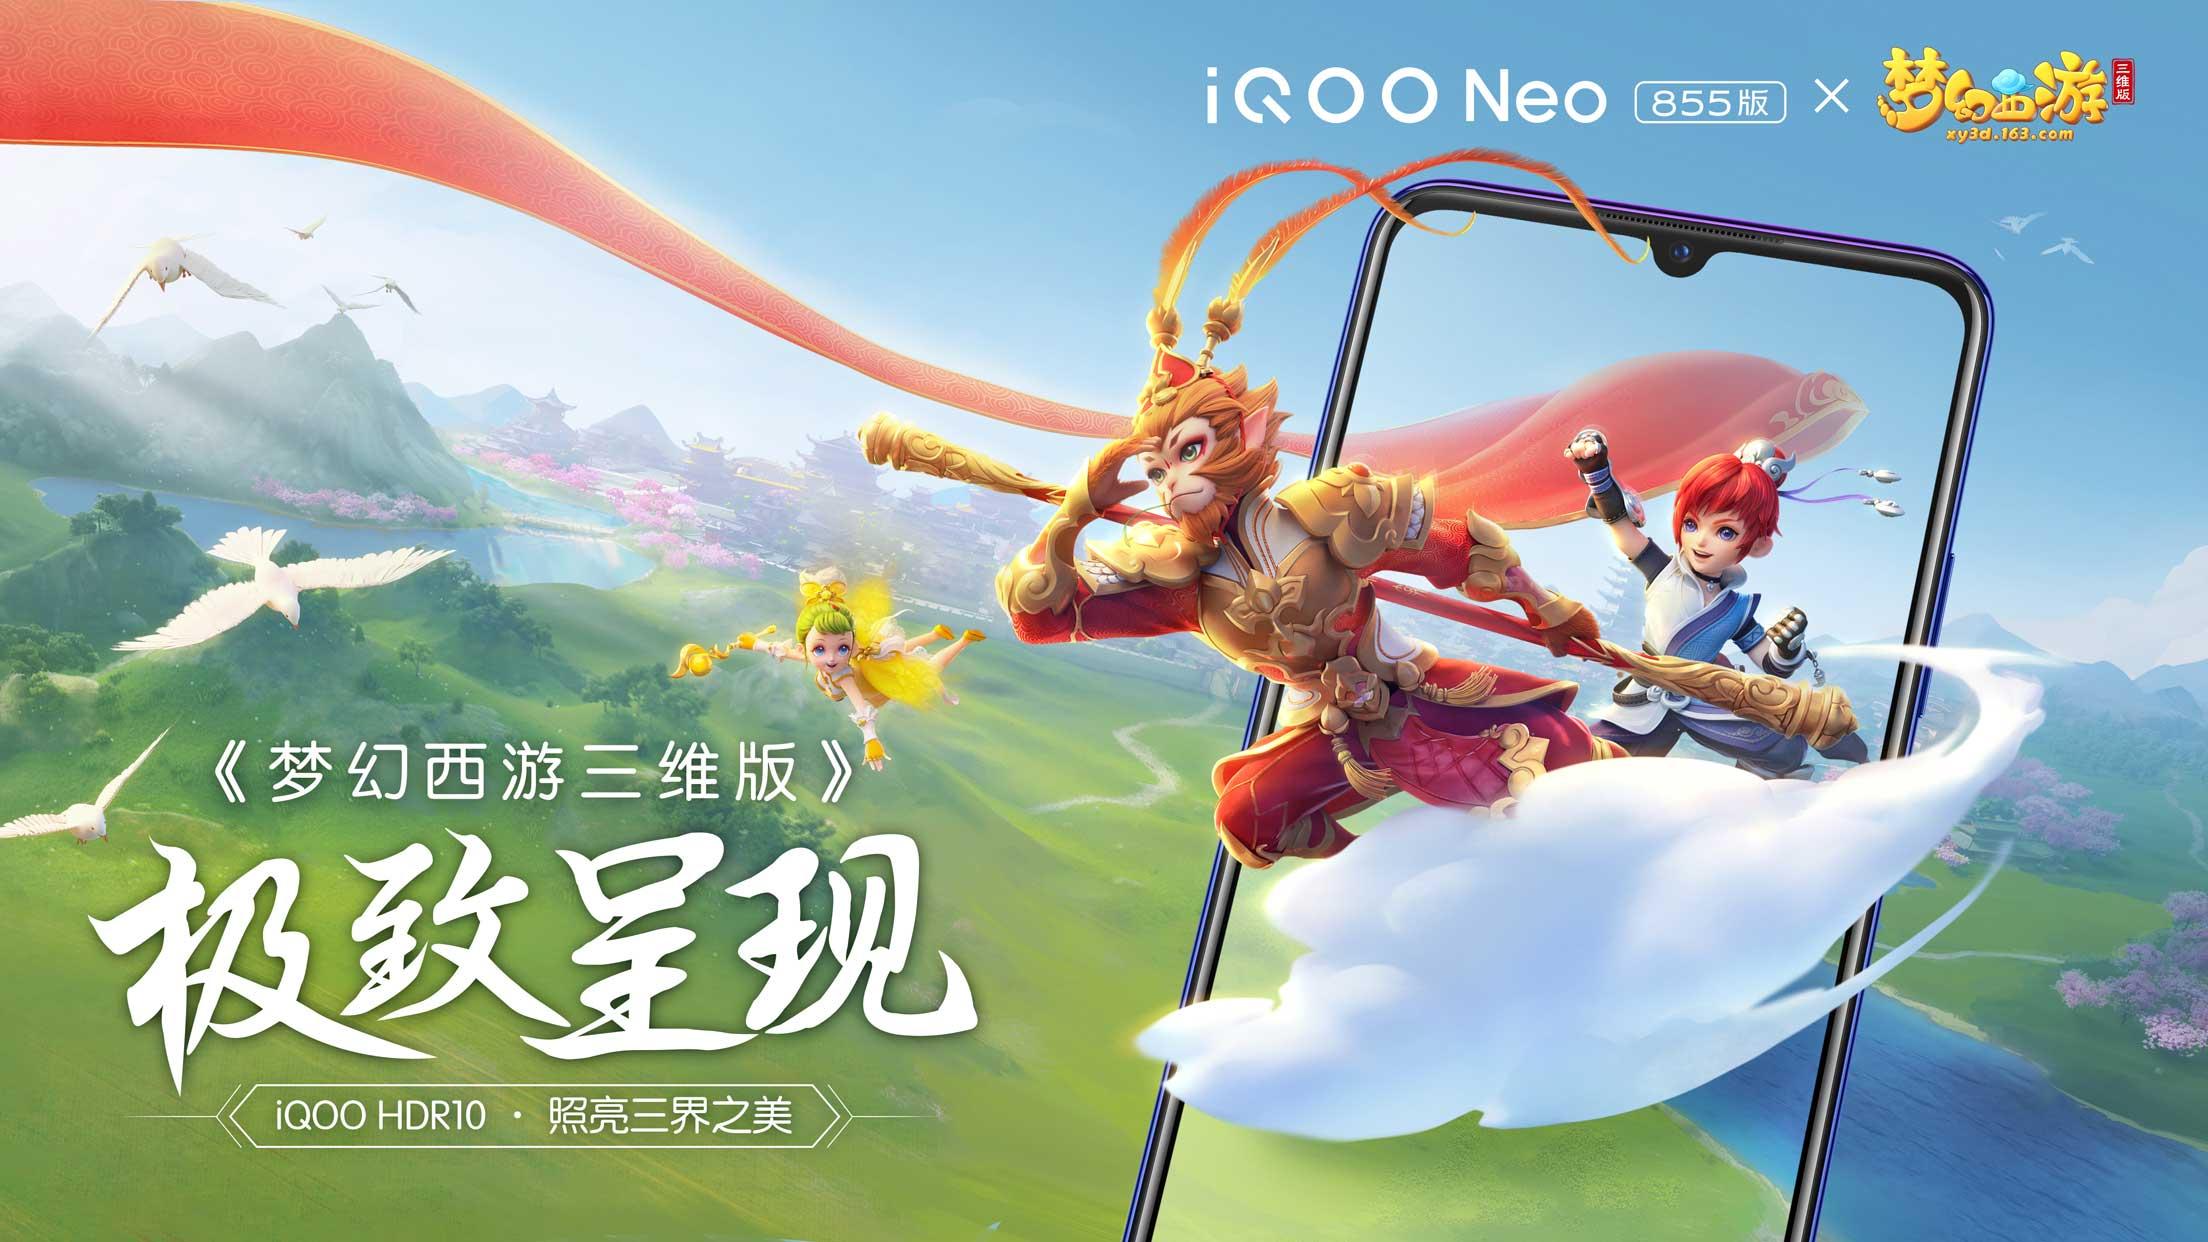 照亮三界之美!《梦幻西游三维版》携手iQOO Neo 855版呈现极致游戏画面